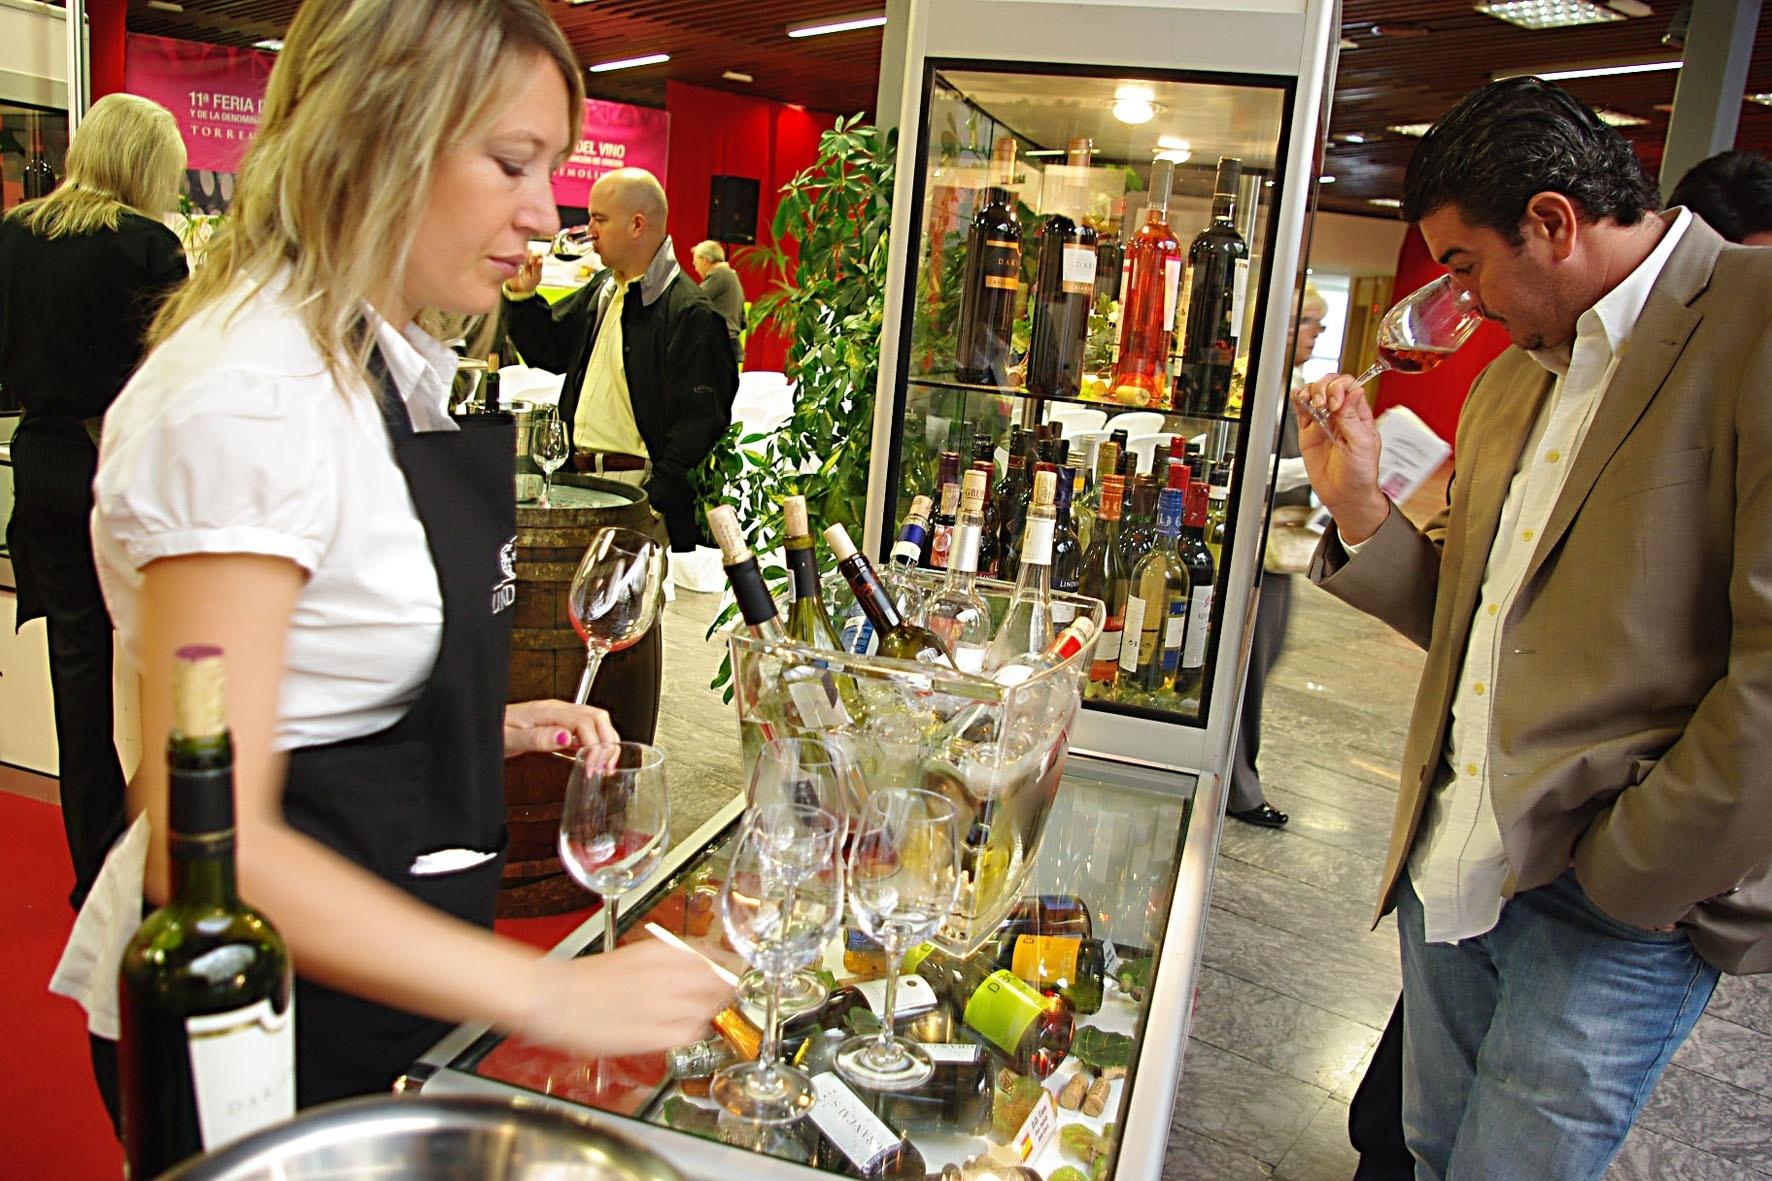 Enofusion celebra su tercera edición el próximo 21 de enero centrado en el futuro del sector vinícola